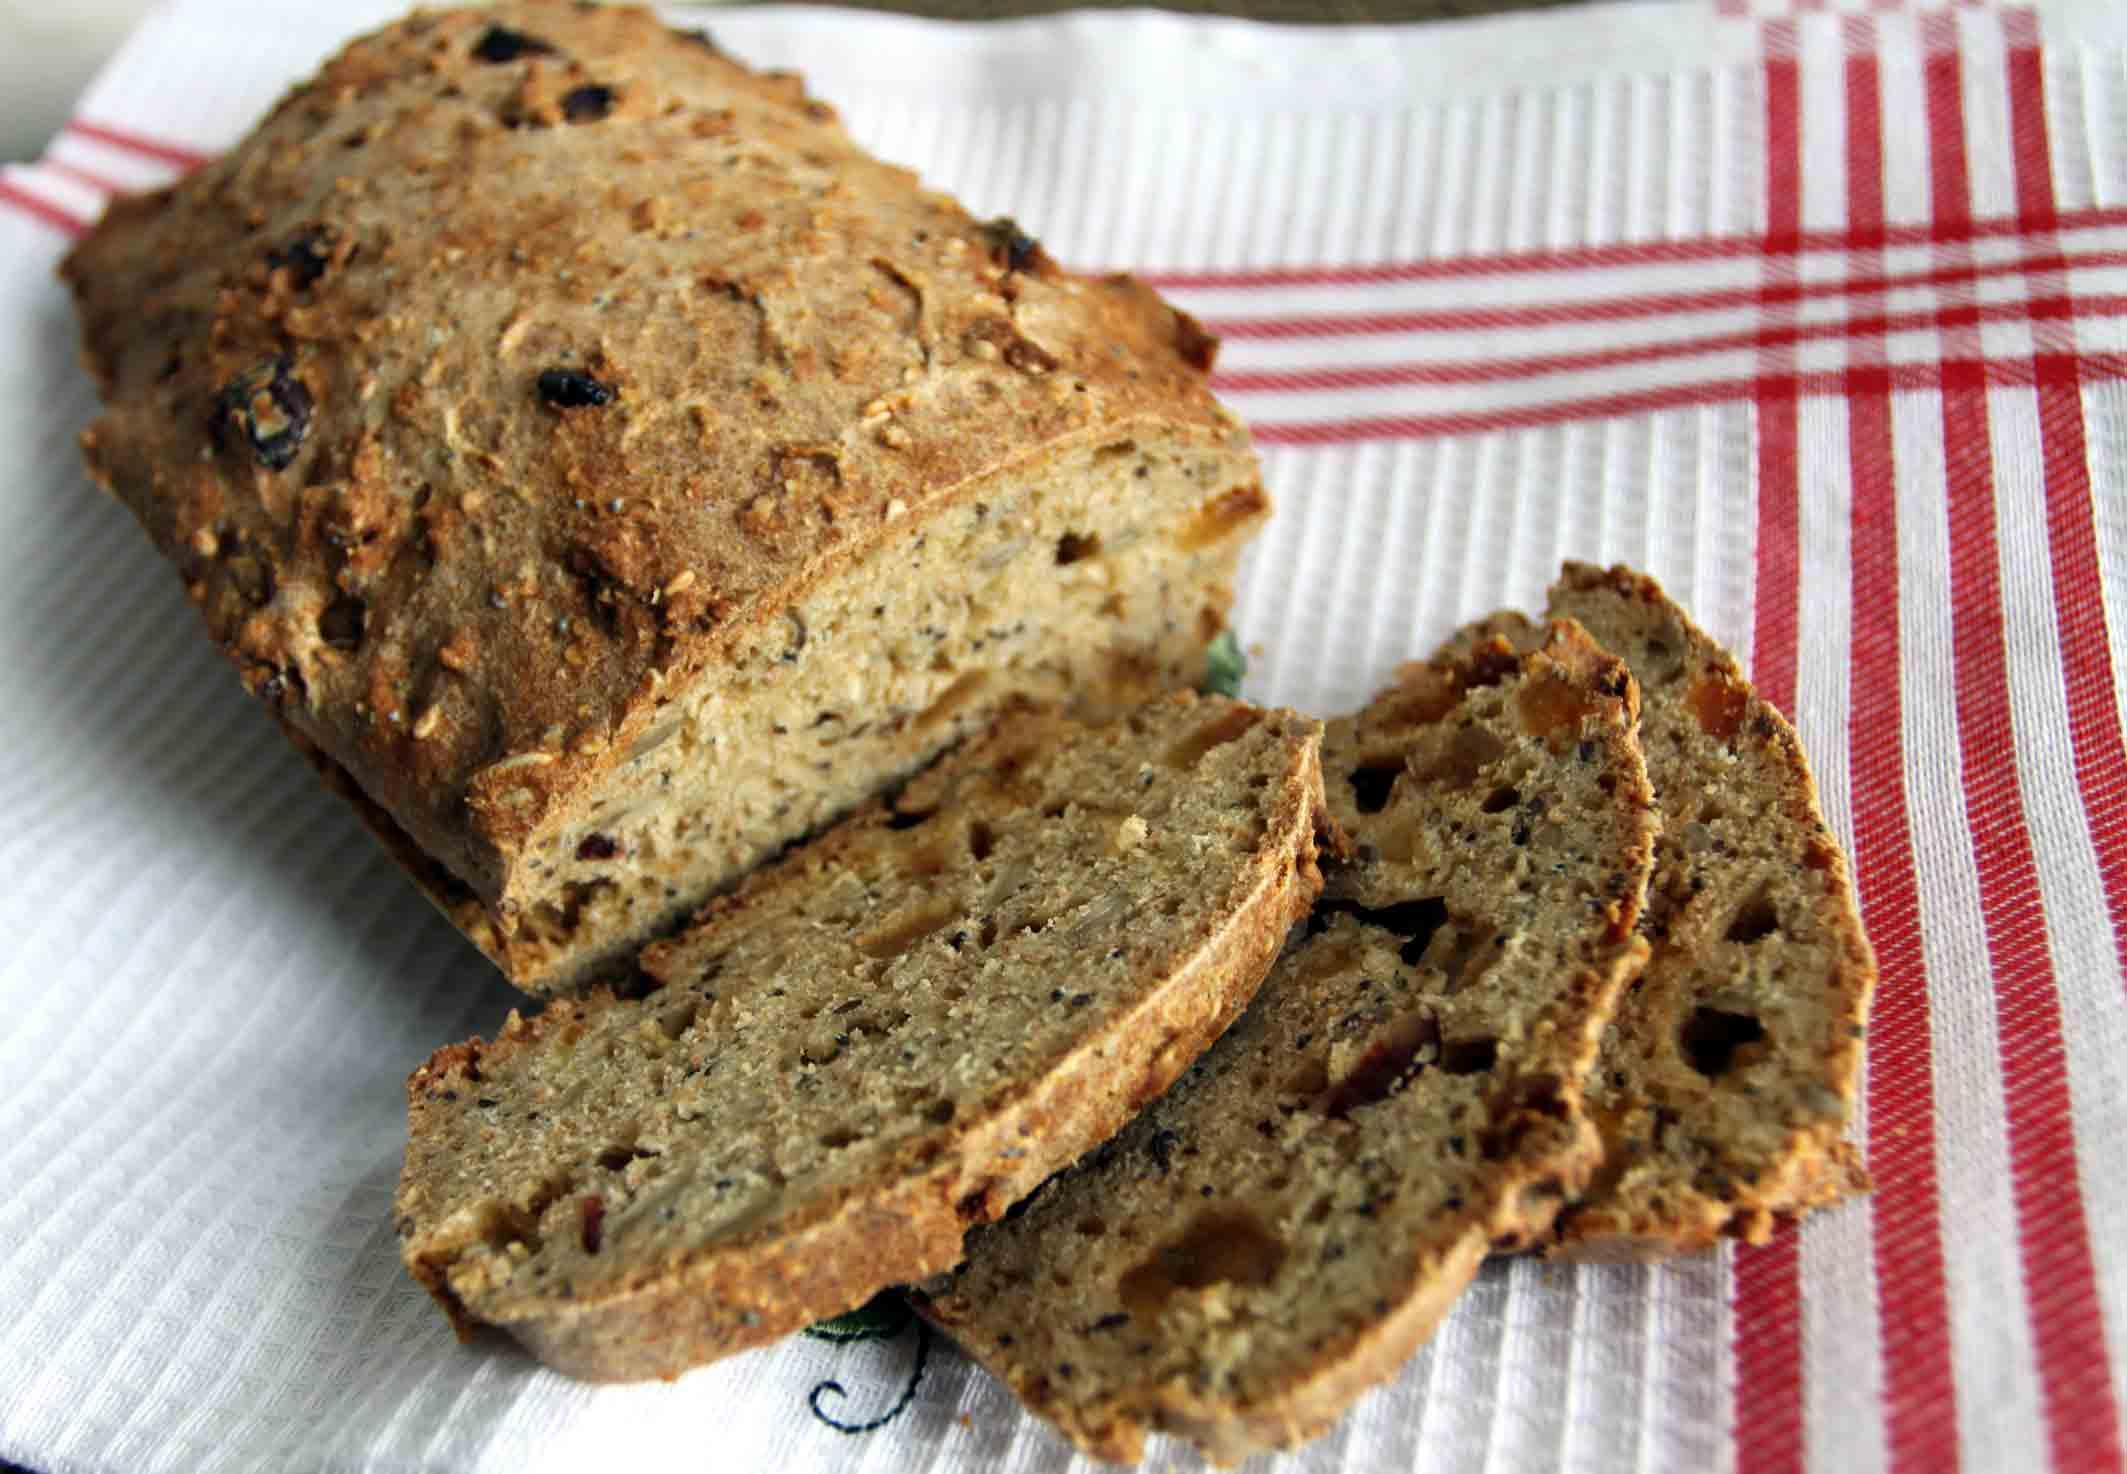 Бездрожжевой хлеб на кефире можно легко и быстро сделать дома!